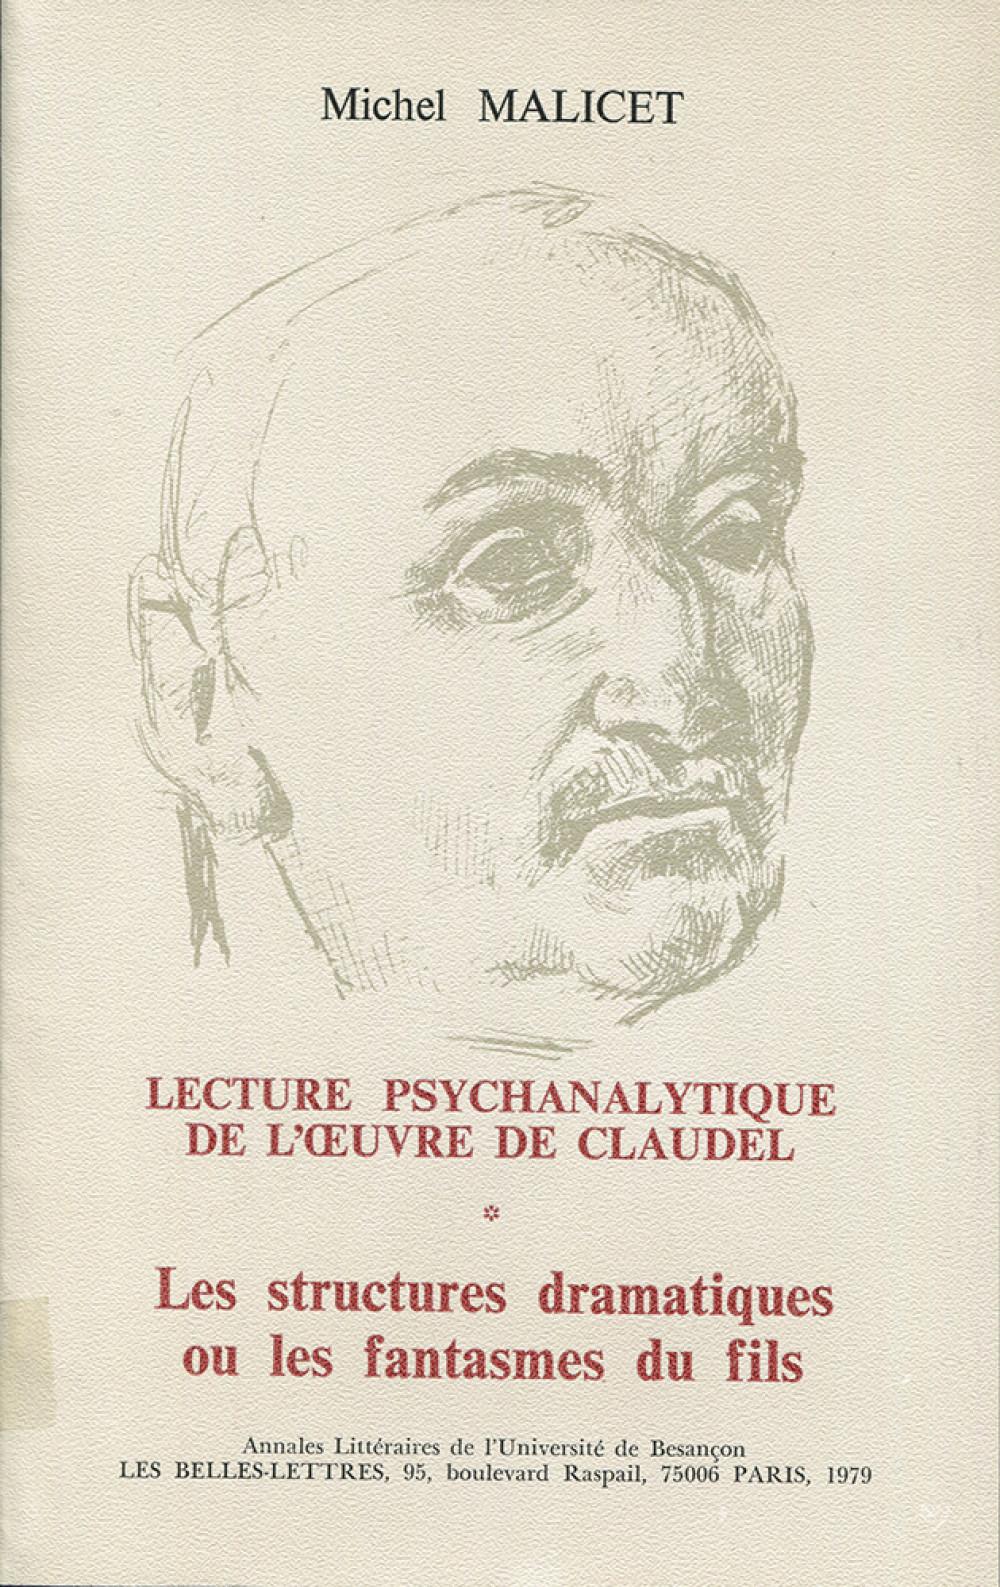 Lecture psychanalytique de l'oeuvre de Paul Claudel. Tome I